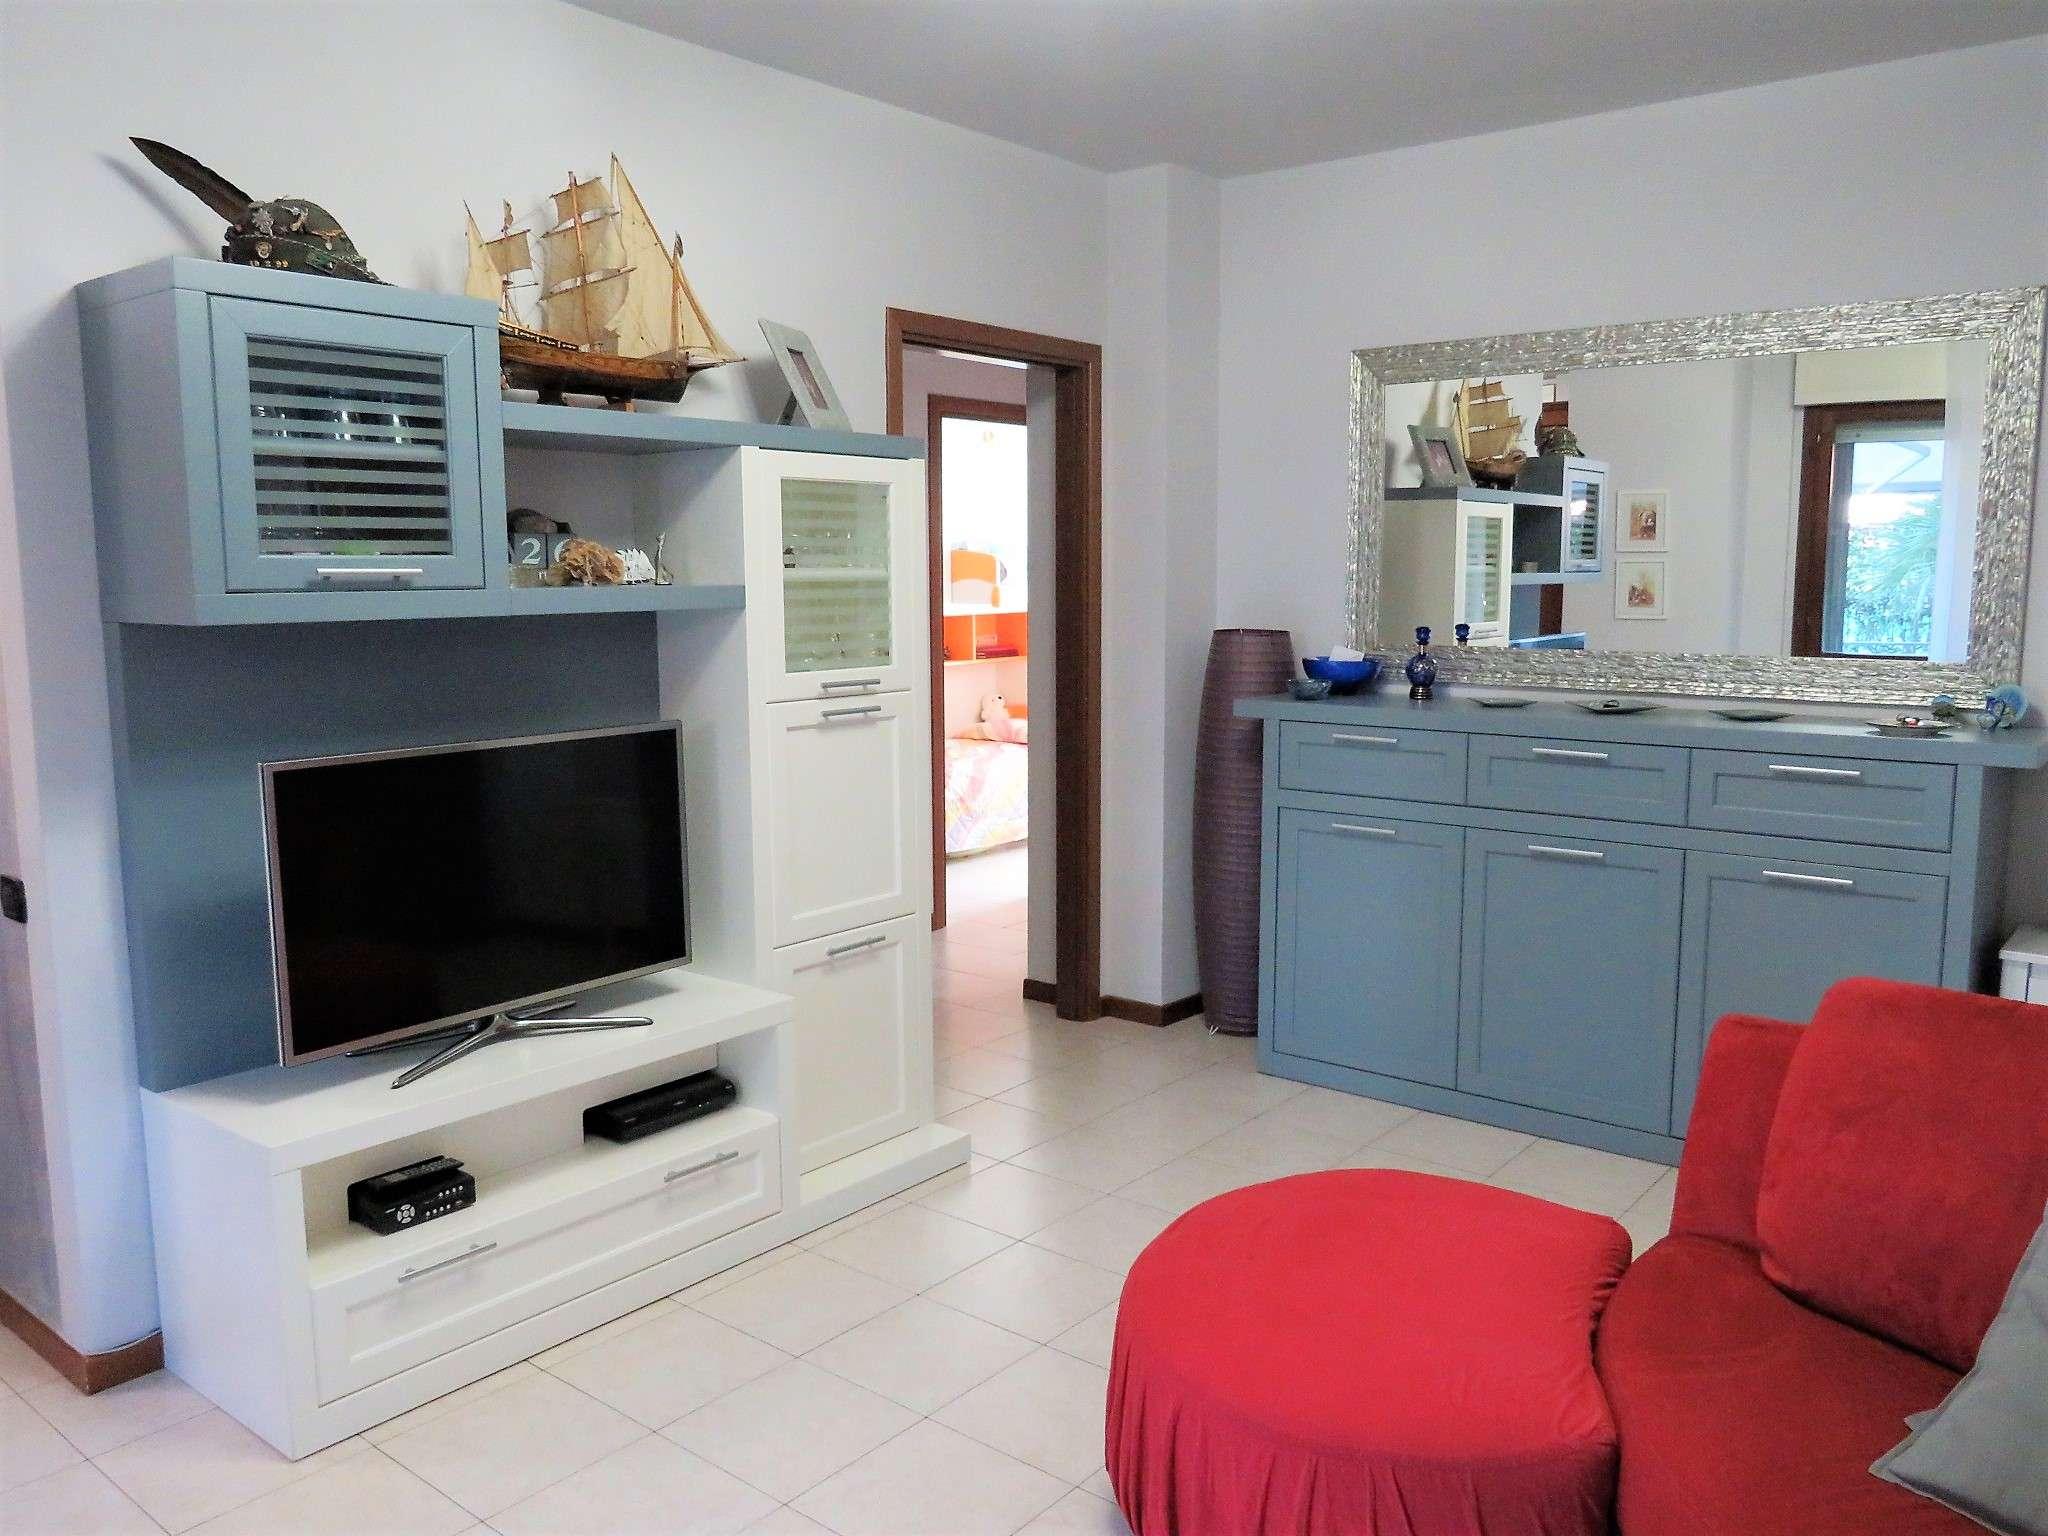 Appartamento in vendita a Rozzano, 3 locali, prezzo € 210.000 | Cambio Casa.it